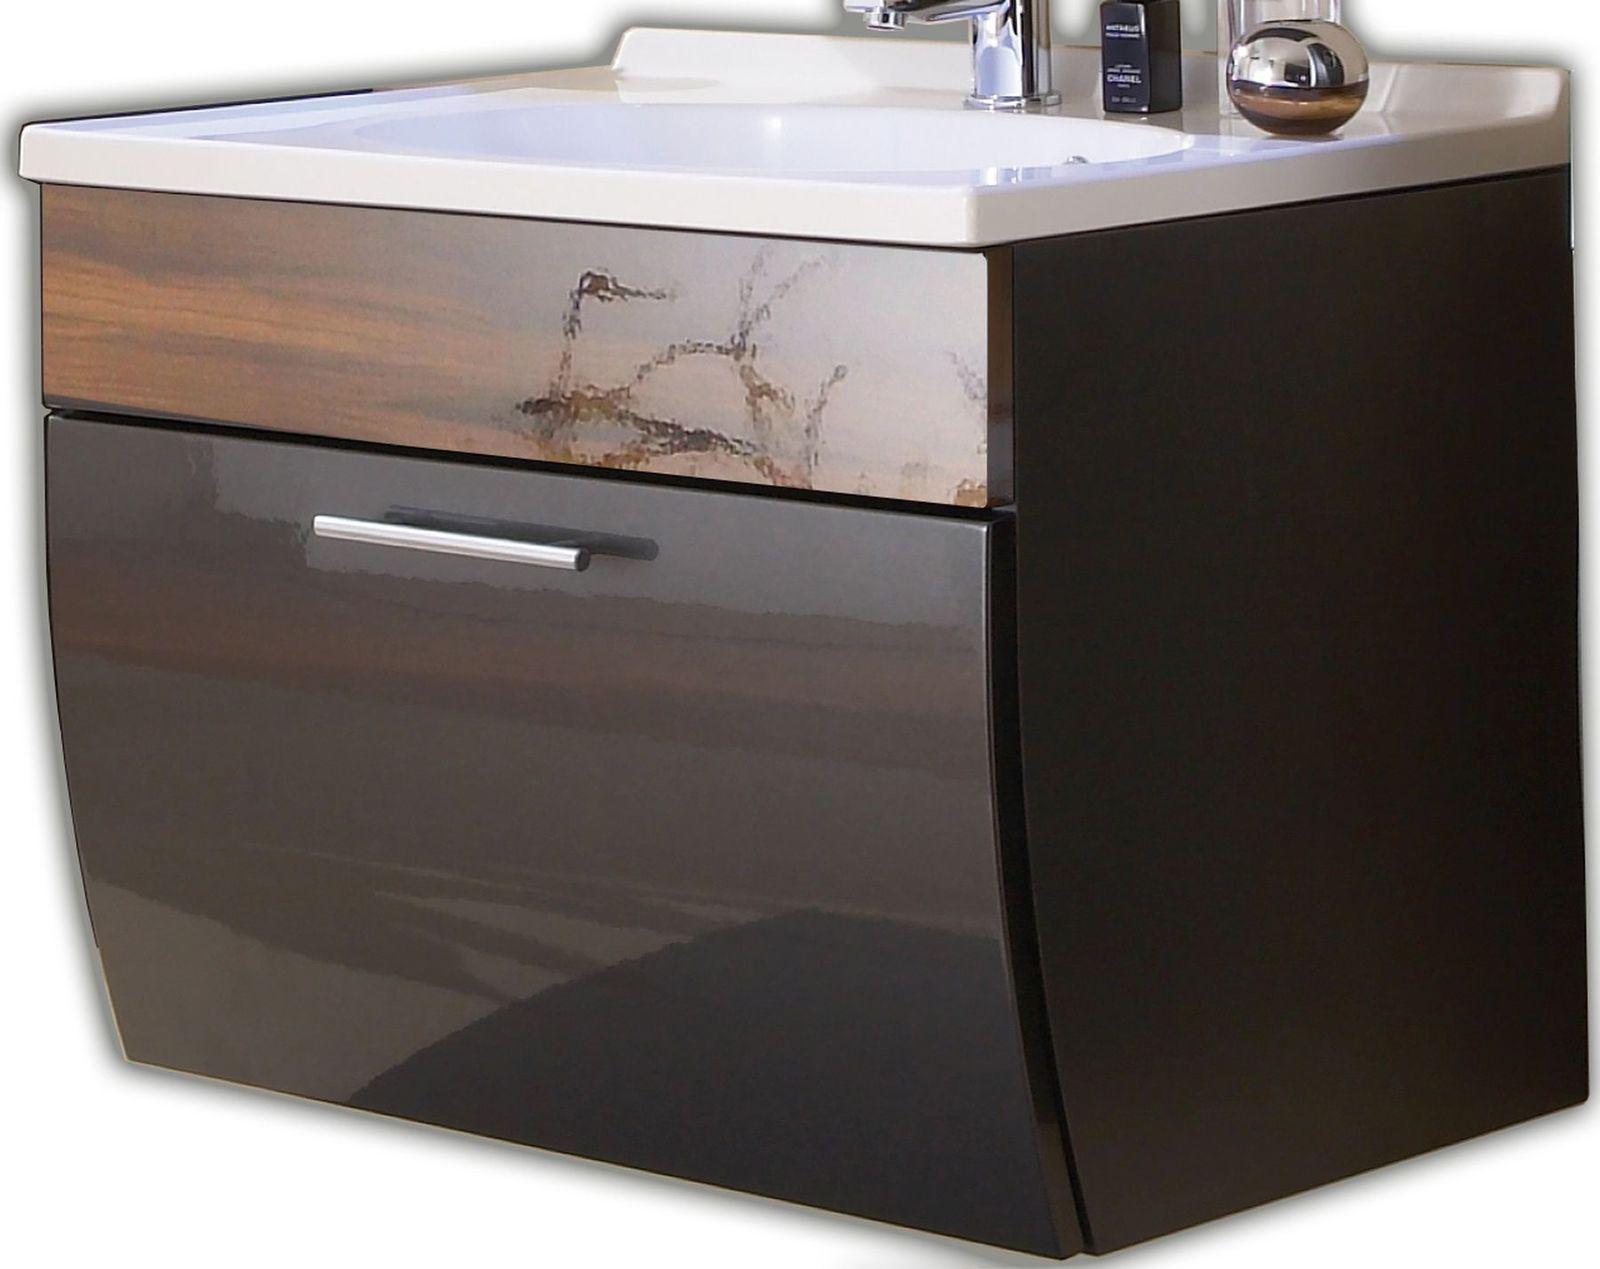 Waschbecken 70 Cm Cheap Wohnfreuden Marmor Waschbecken Cm Eckig Innen Poliert Creme Naturstein